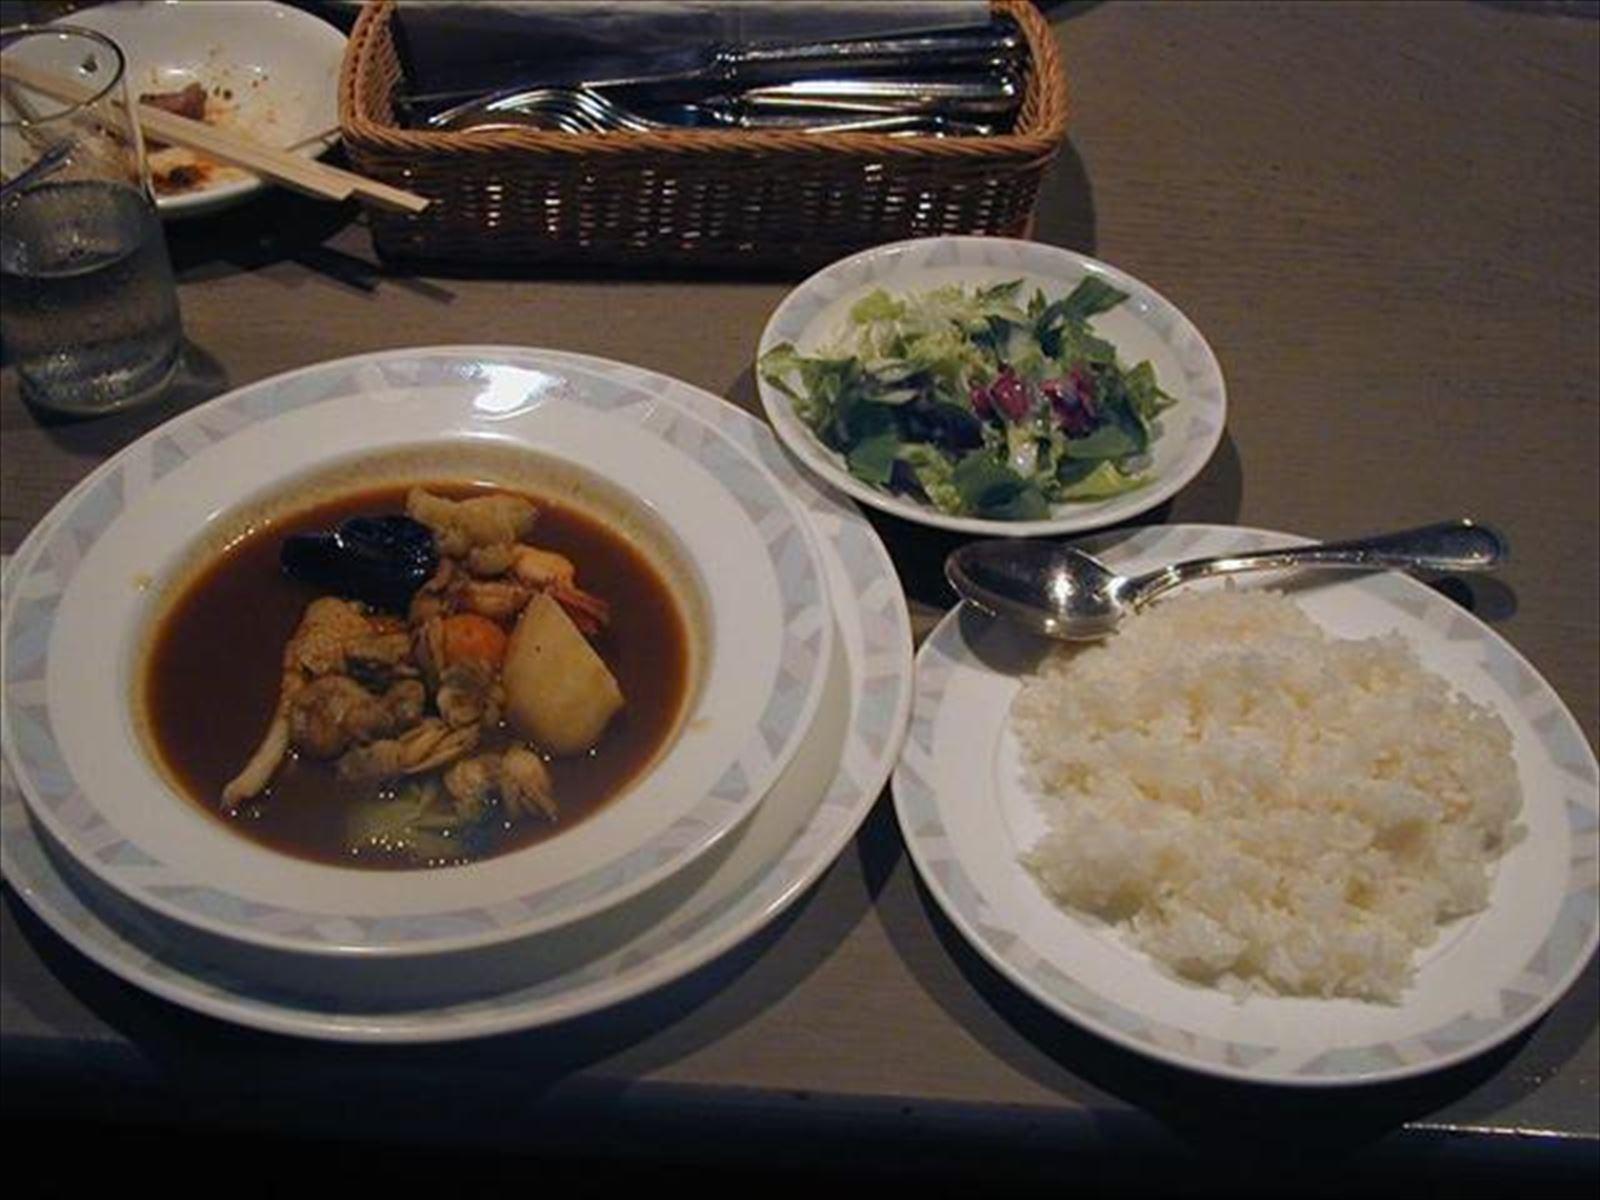 2006-07-16_19.22.26小倉 (小).JPG